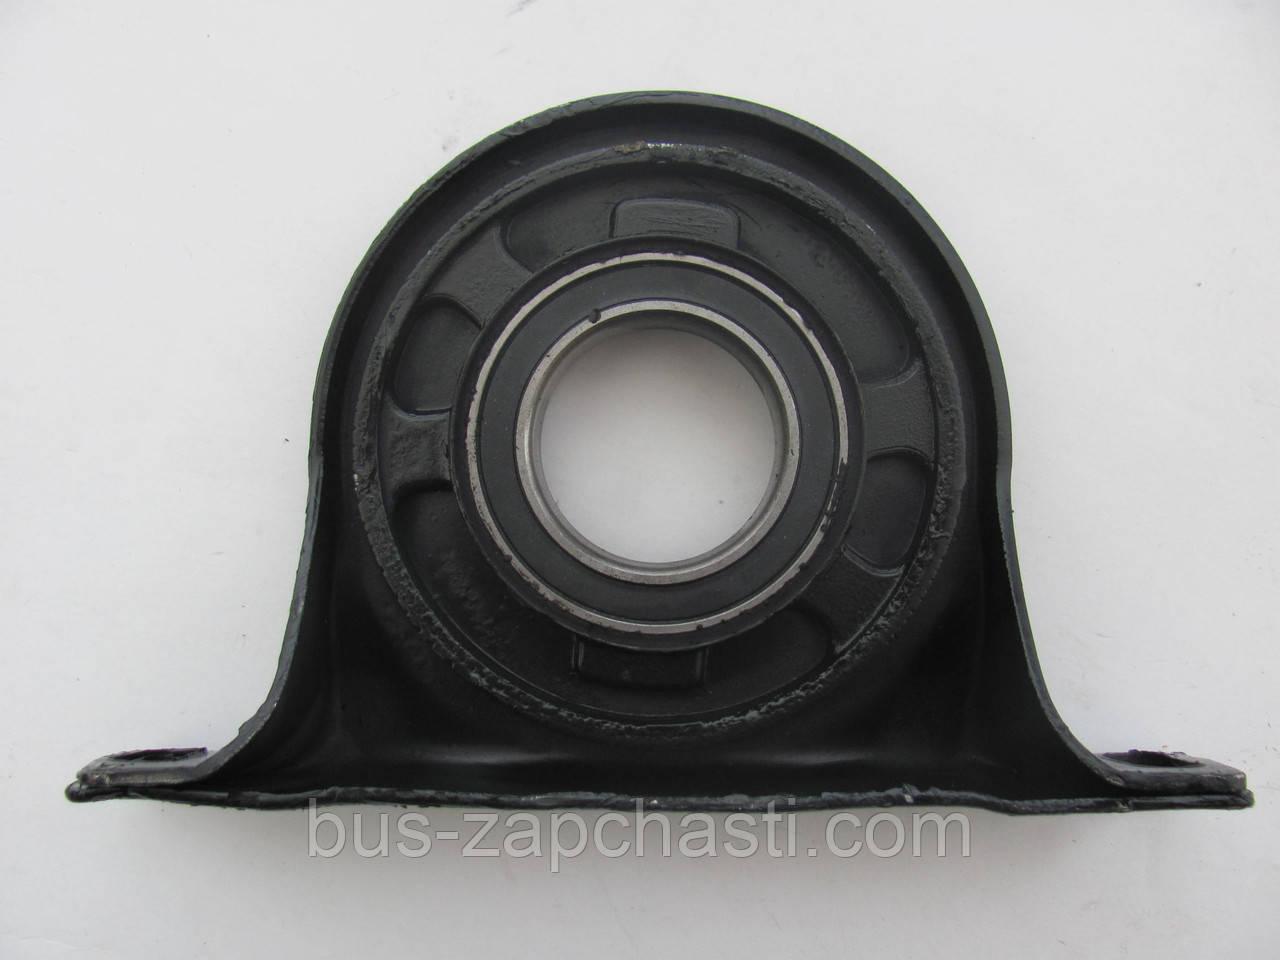 Подвесной подшипник на MB Sprinter 906, VW Crafter 2006→ — Aspar (Турция) — AS-127